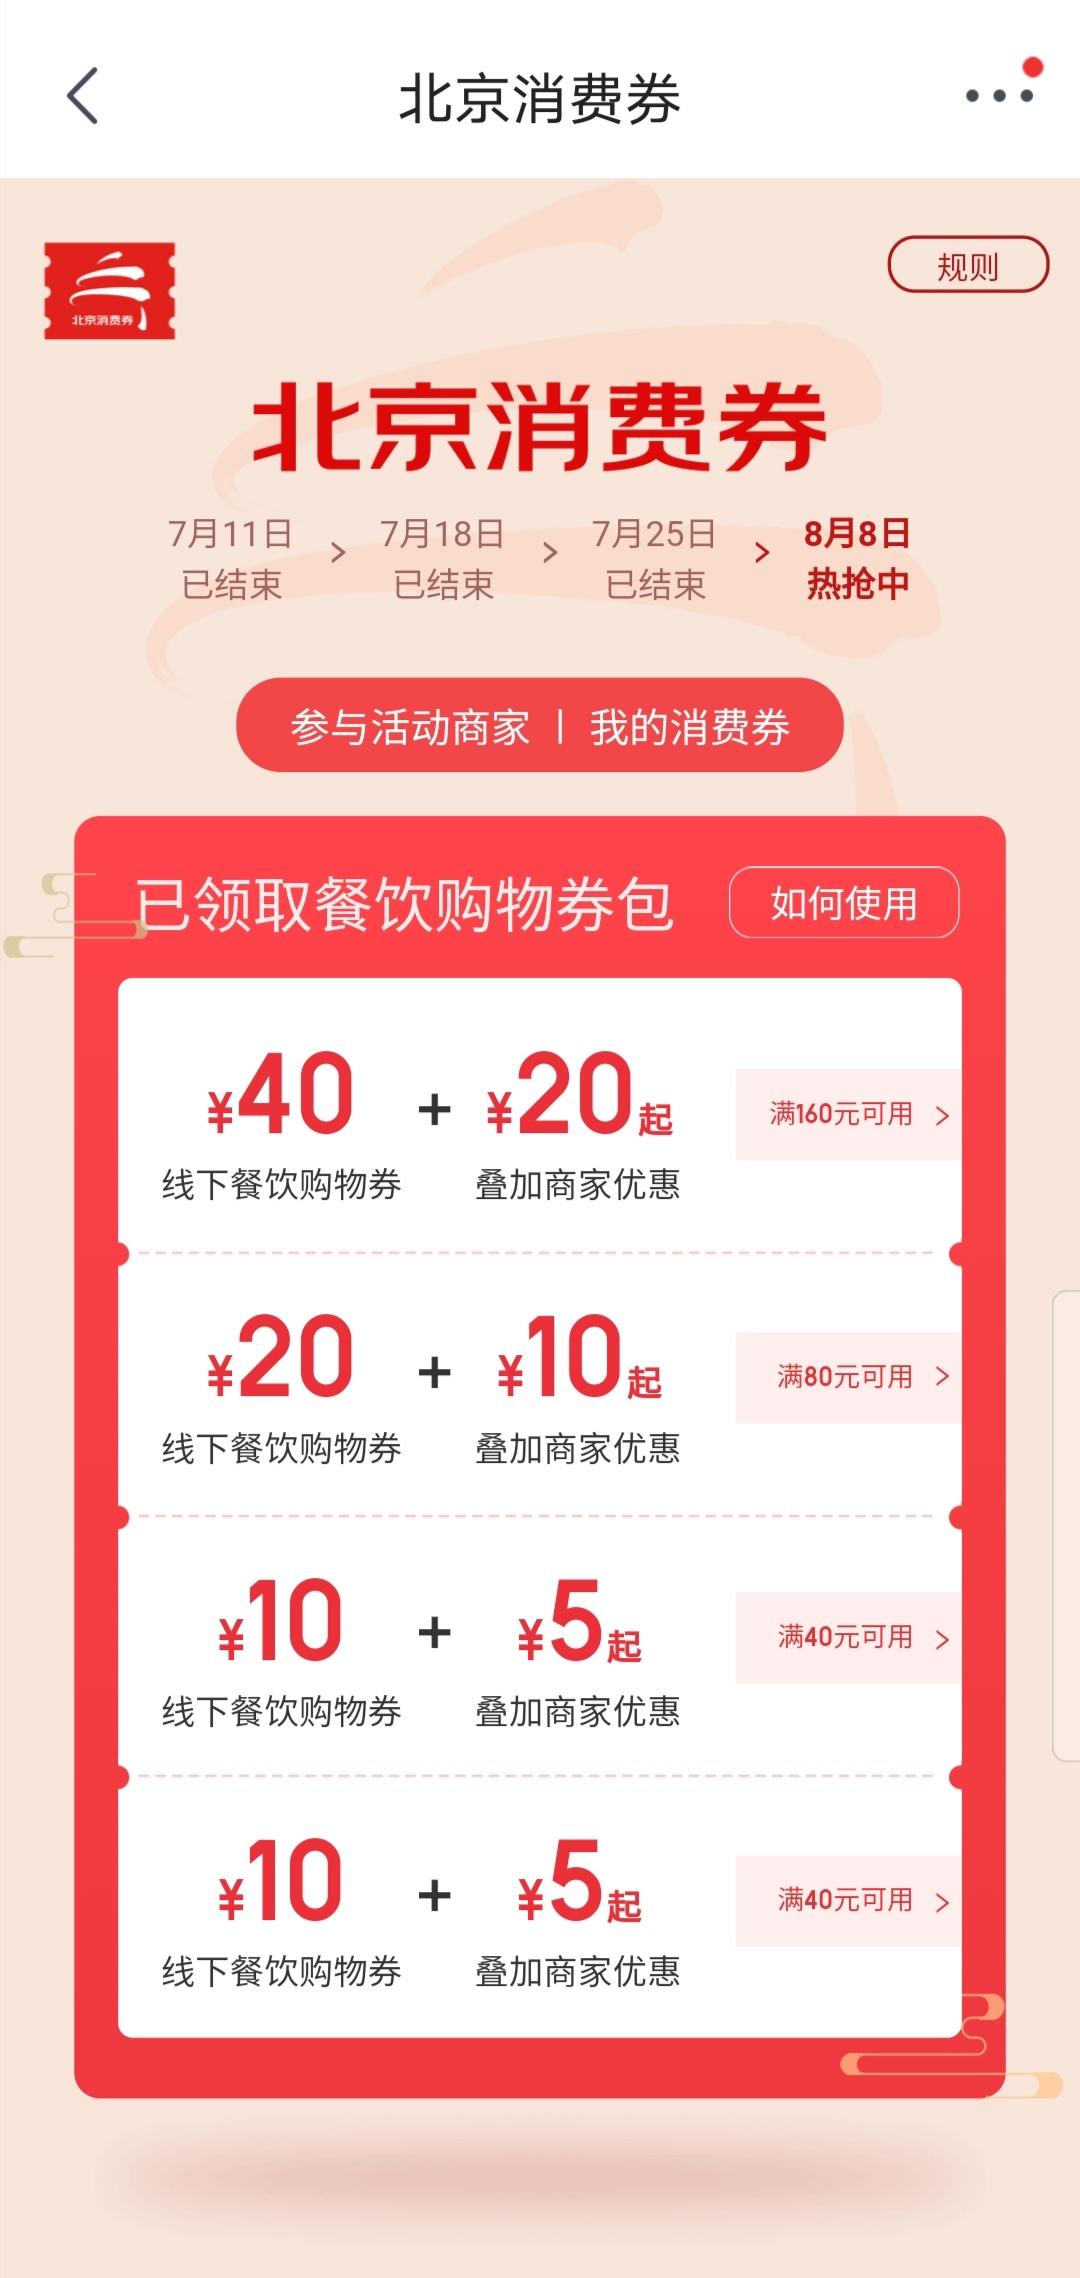 北京新一轮消费券什么时候领券共多少张 优惠力度使用规则